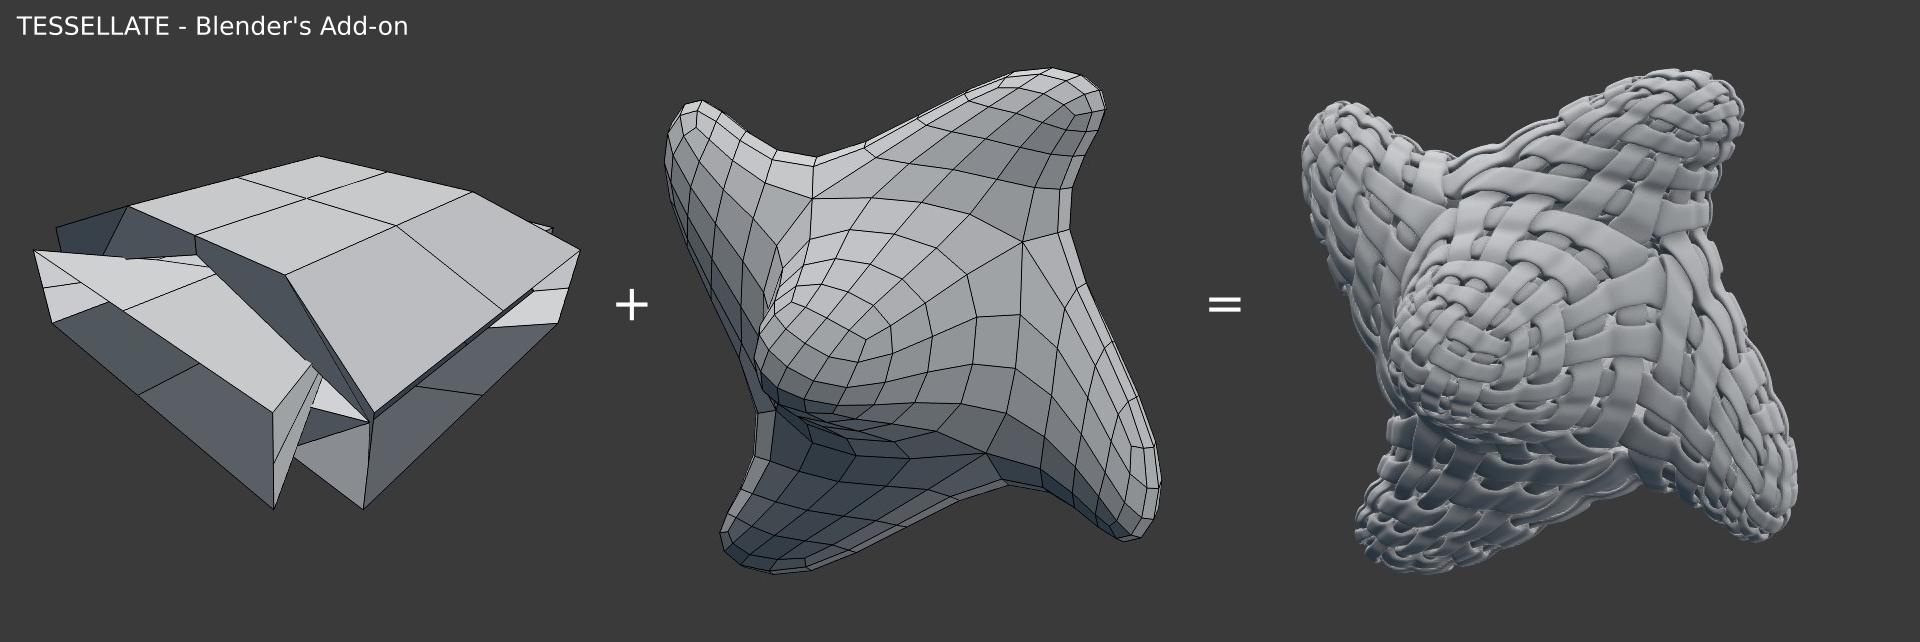 Tissue (Blender add-on)